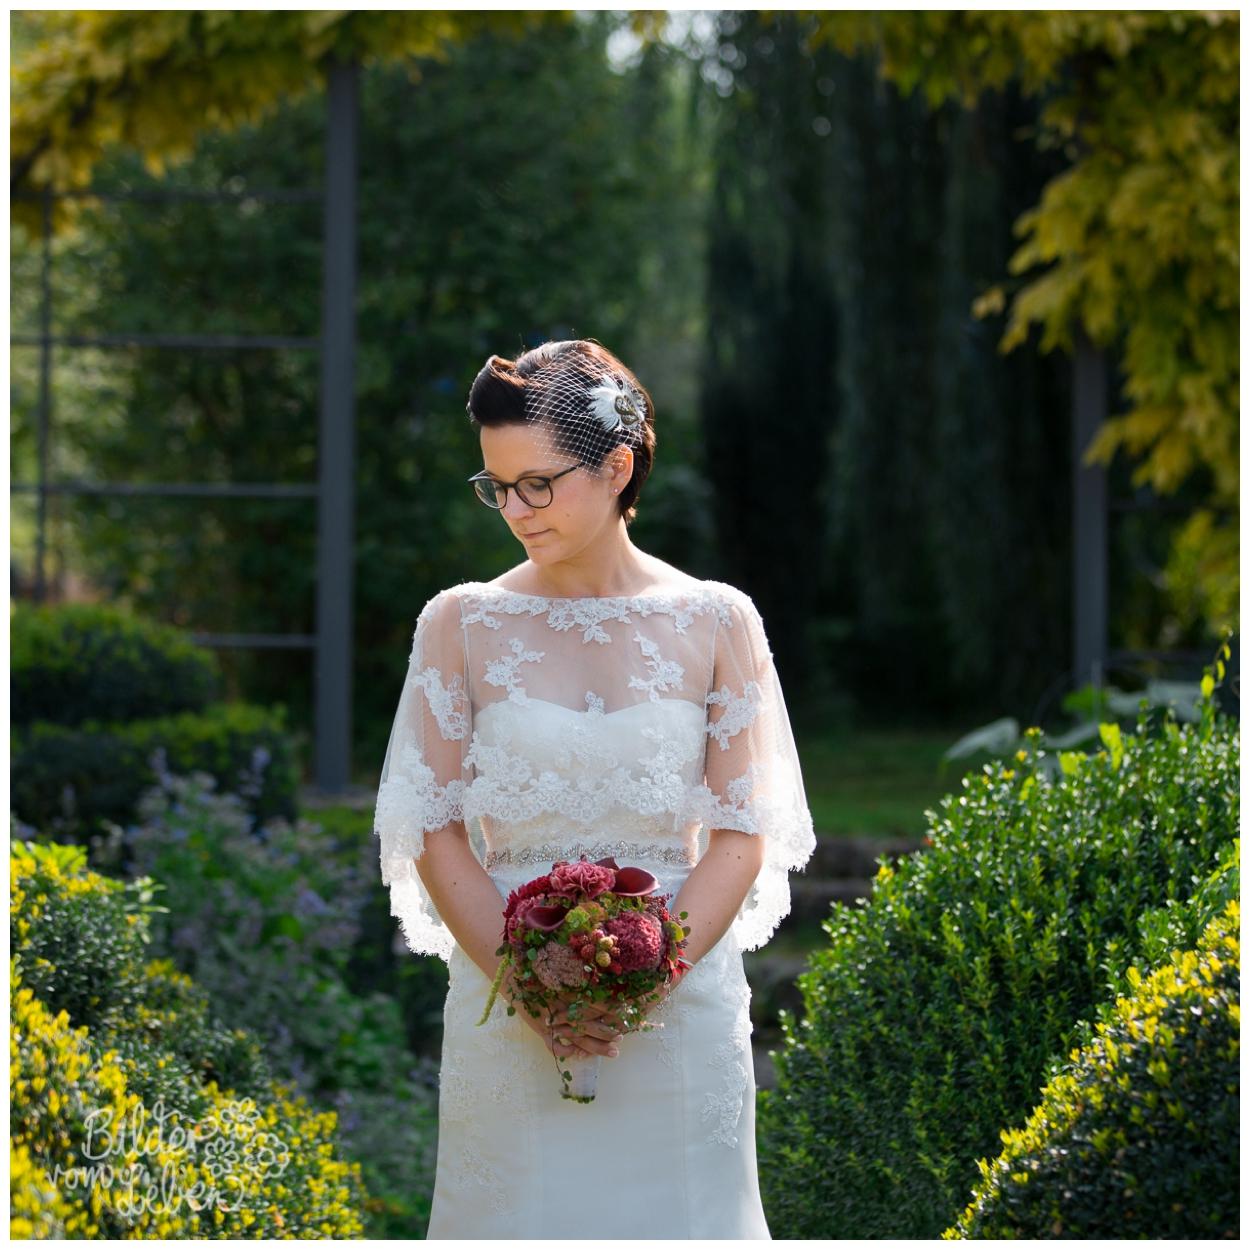 Amelie-Christian-Hochzeit-Simmershofen-6410